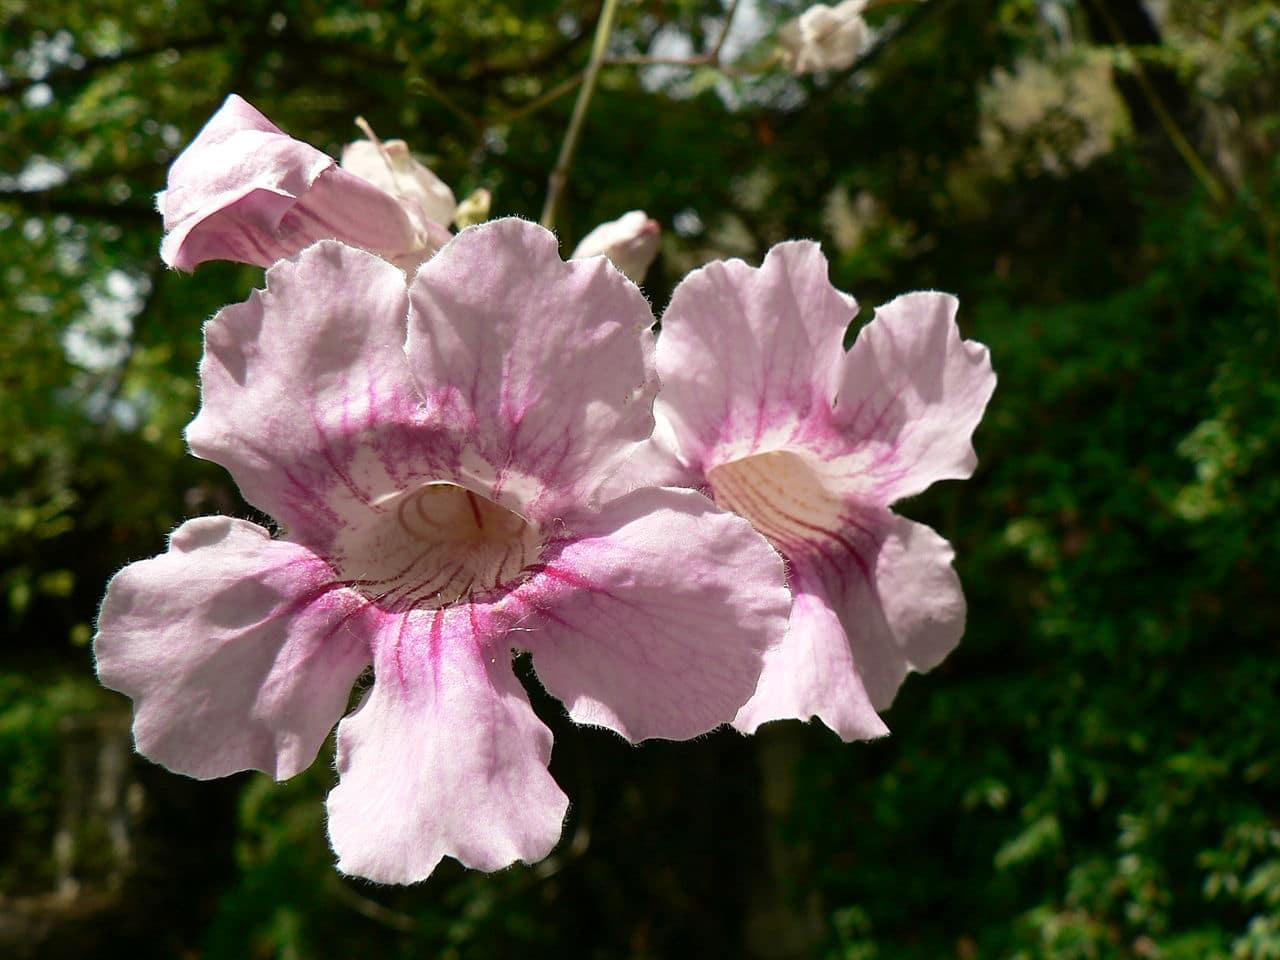 La Podranea ricasoliana tiene flores rosas